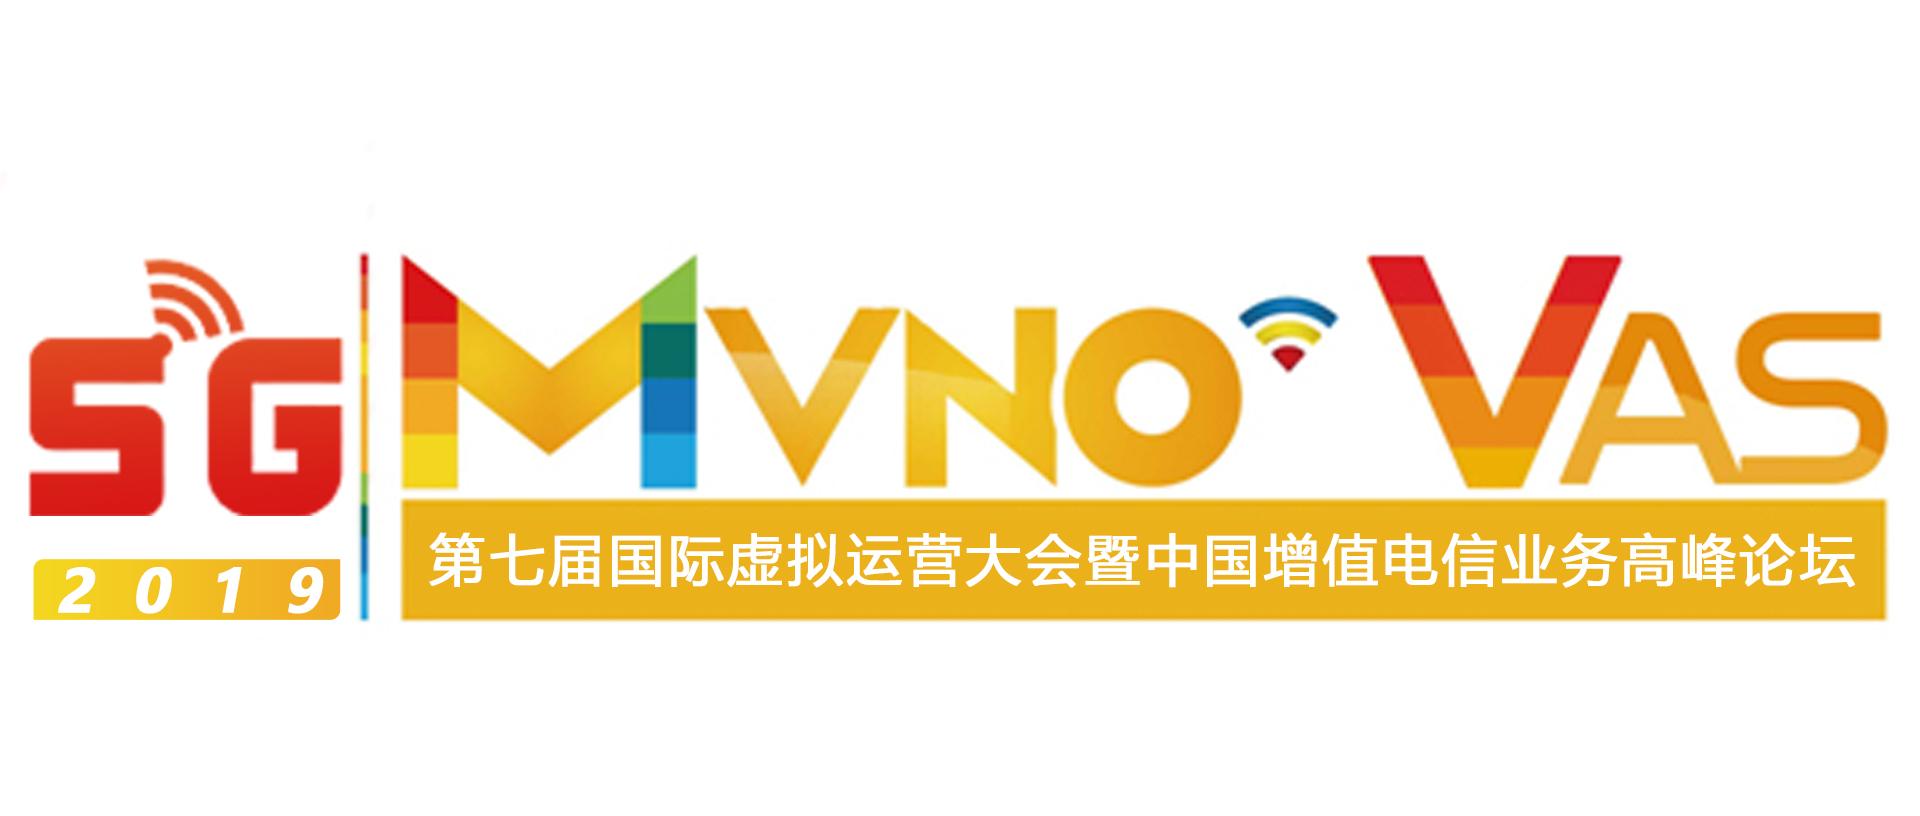 2019国际虚拟运营大会第三批top30参会企业名单曝光!!